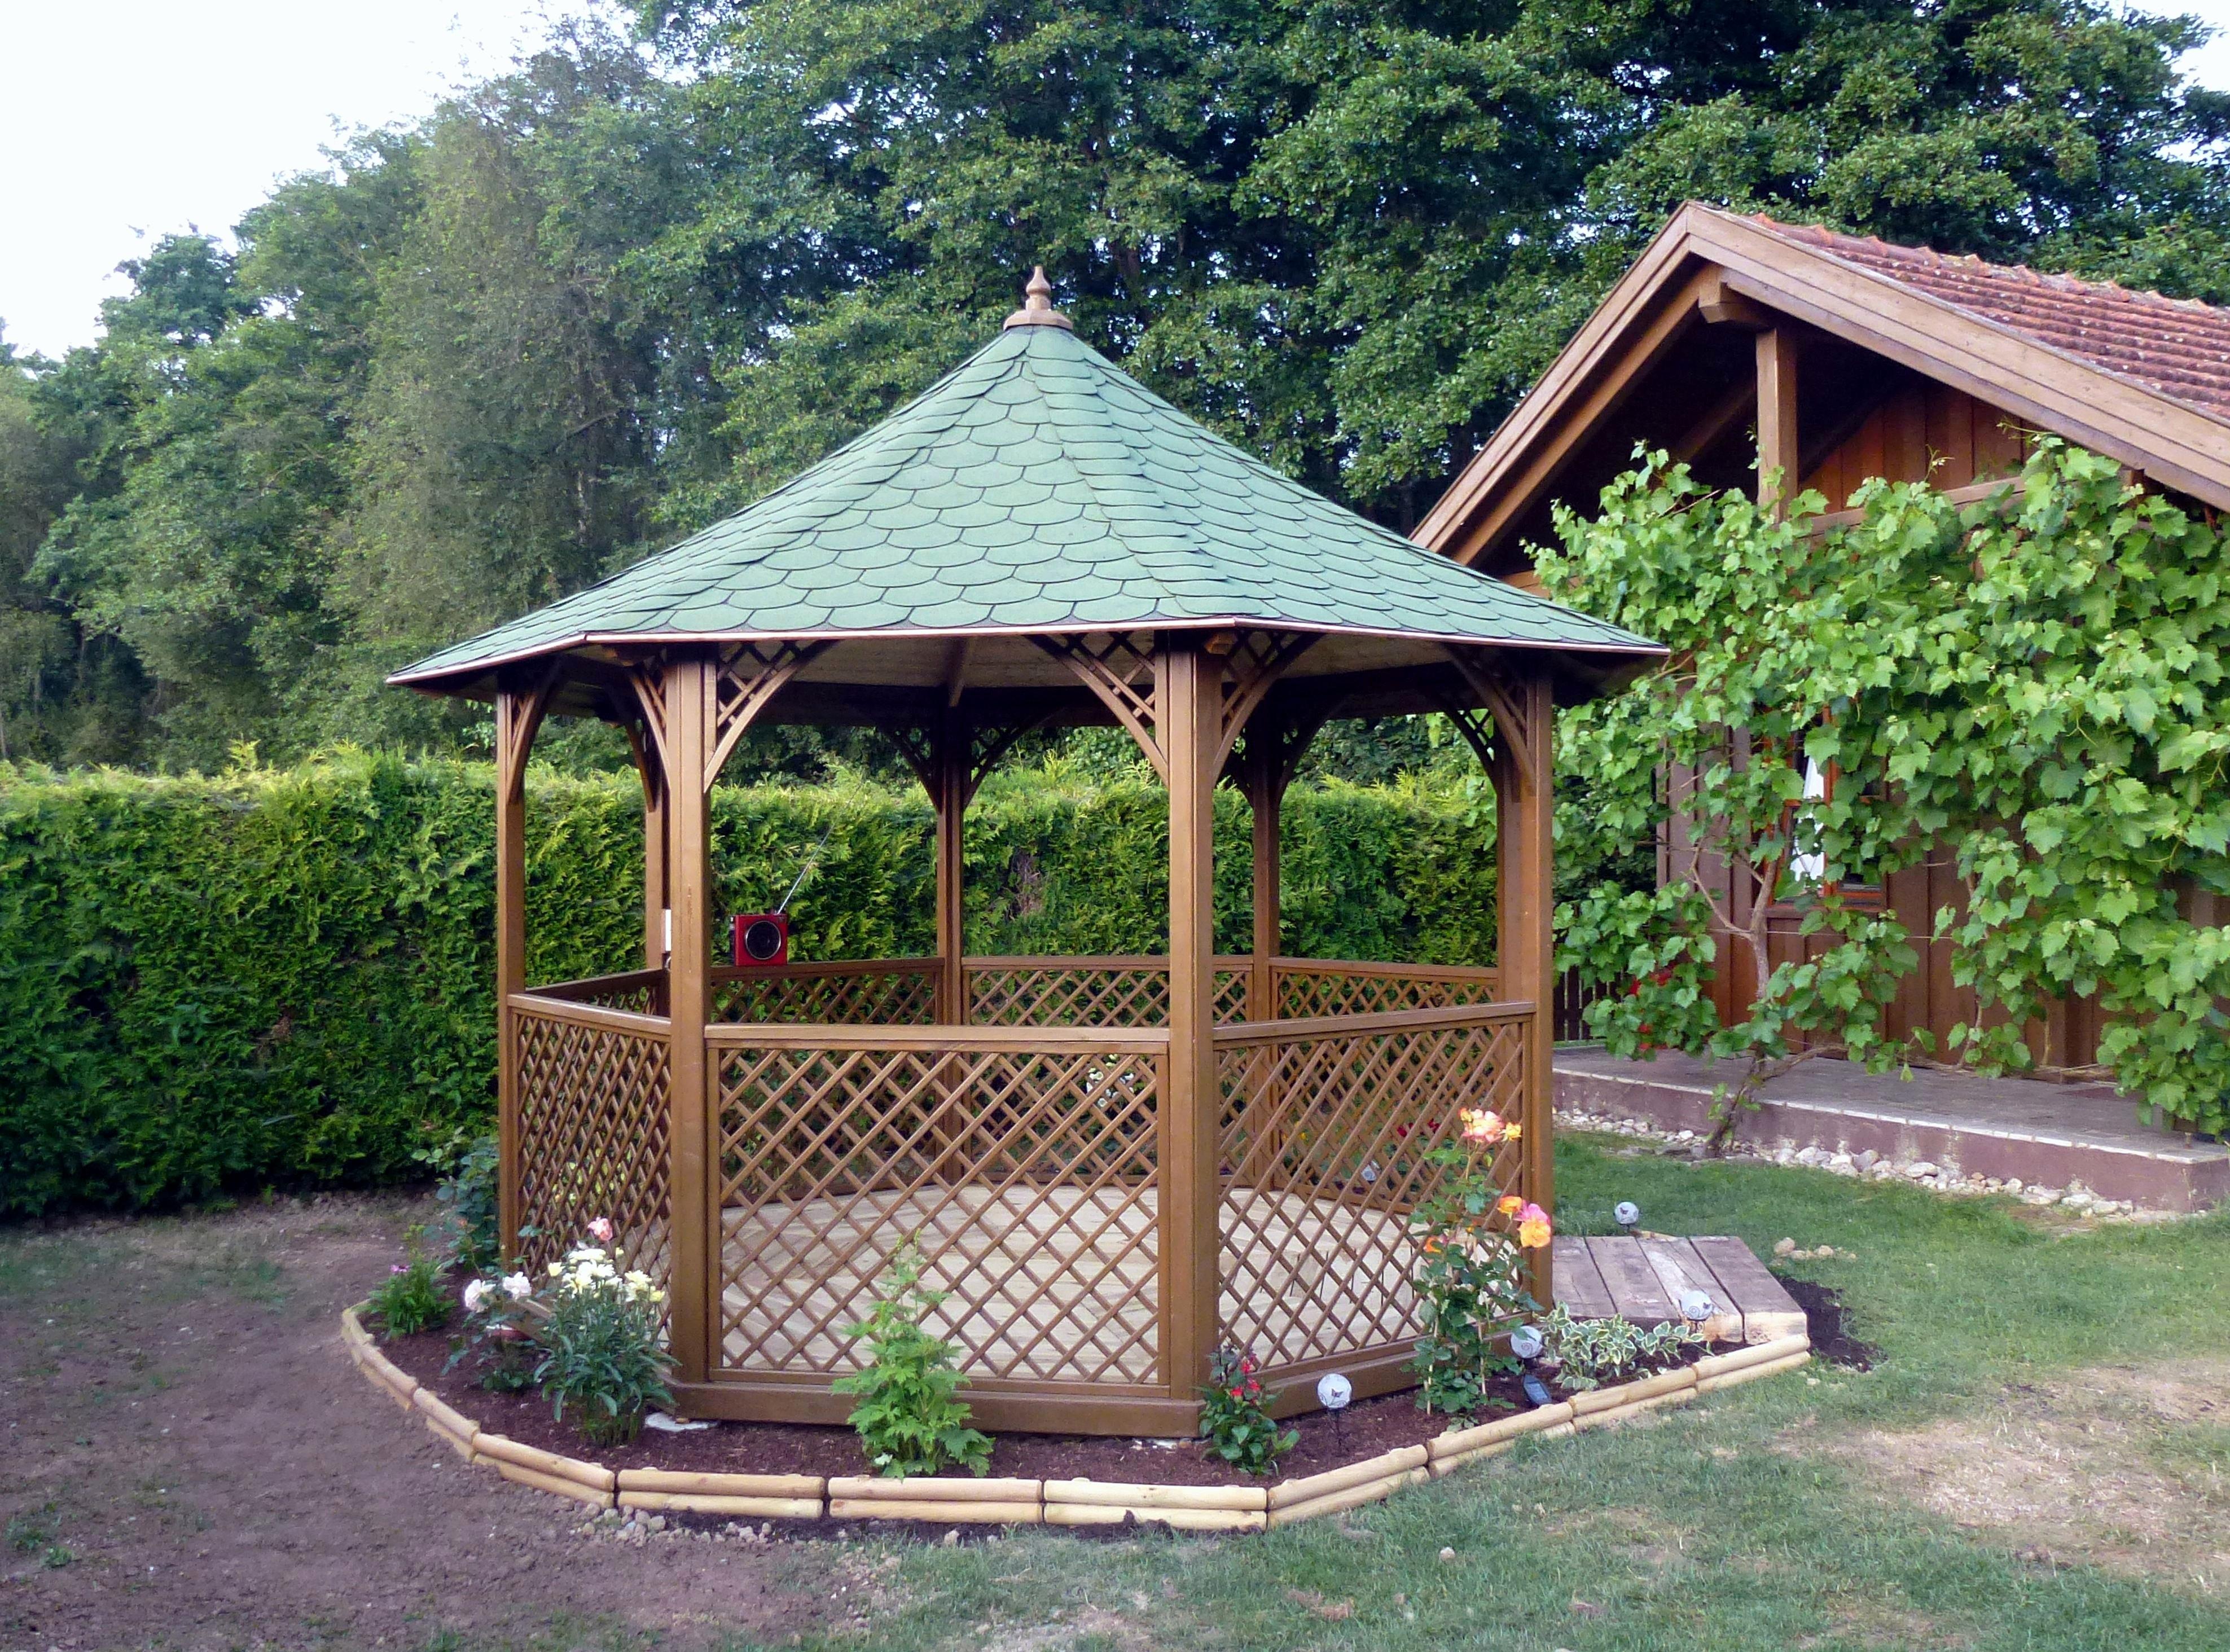 66 luxe image de cabane jardin castorama. Black Bedroom Furniture Sets. Home Design Ideas